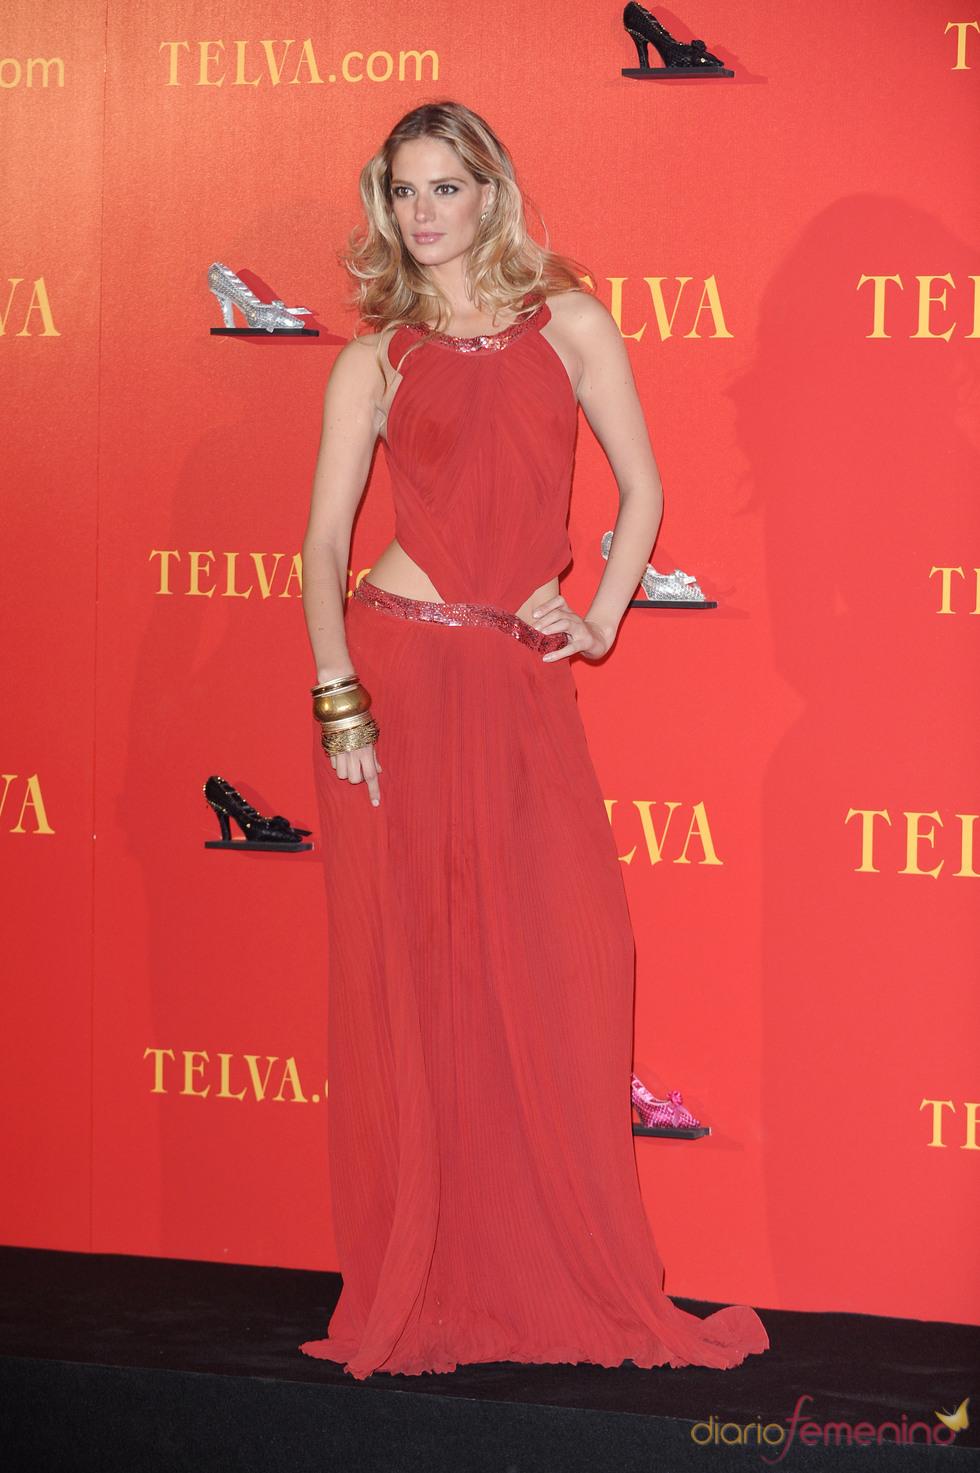 Teresa Baca en los Premios Telva 2010